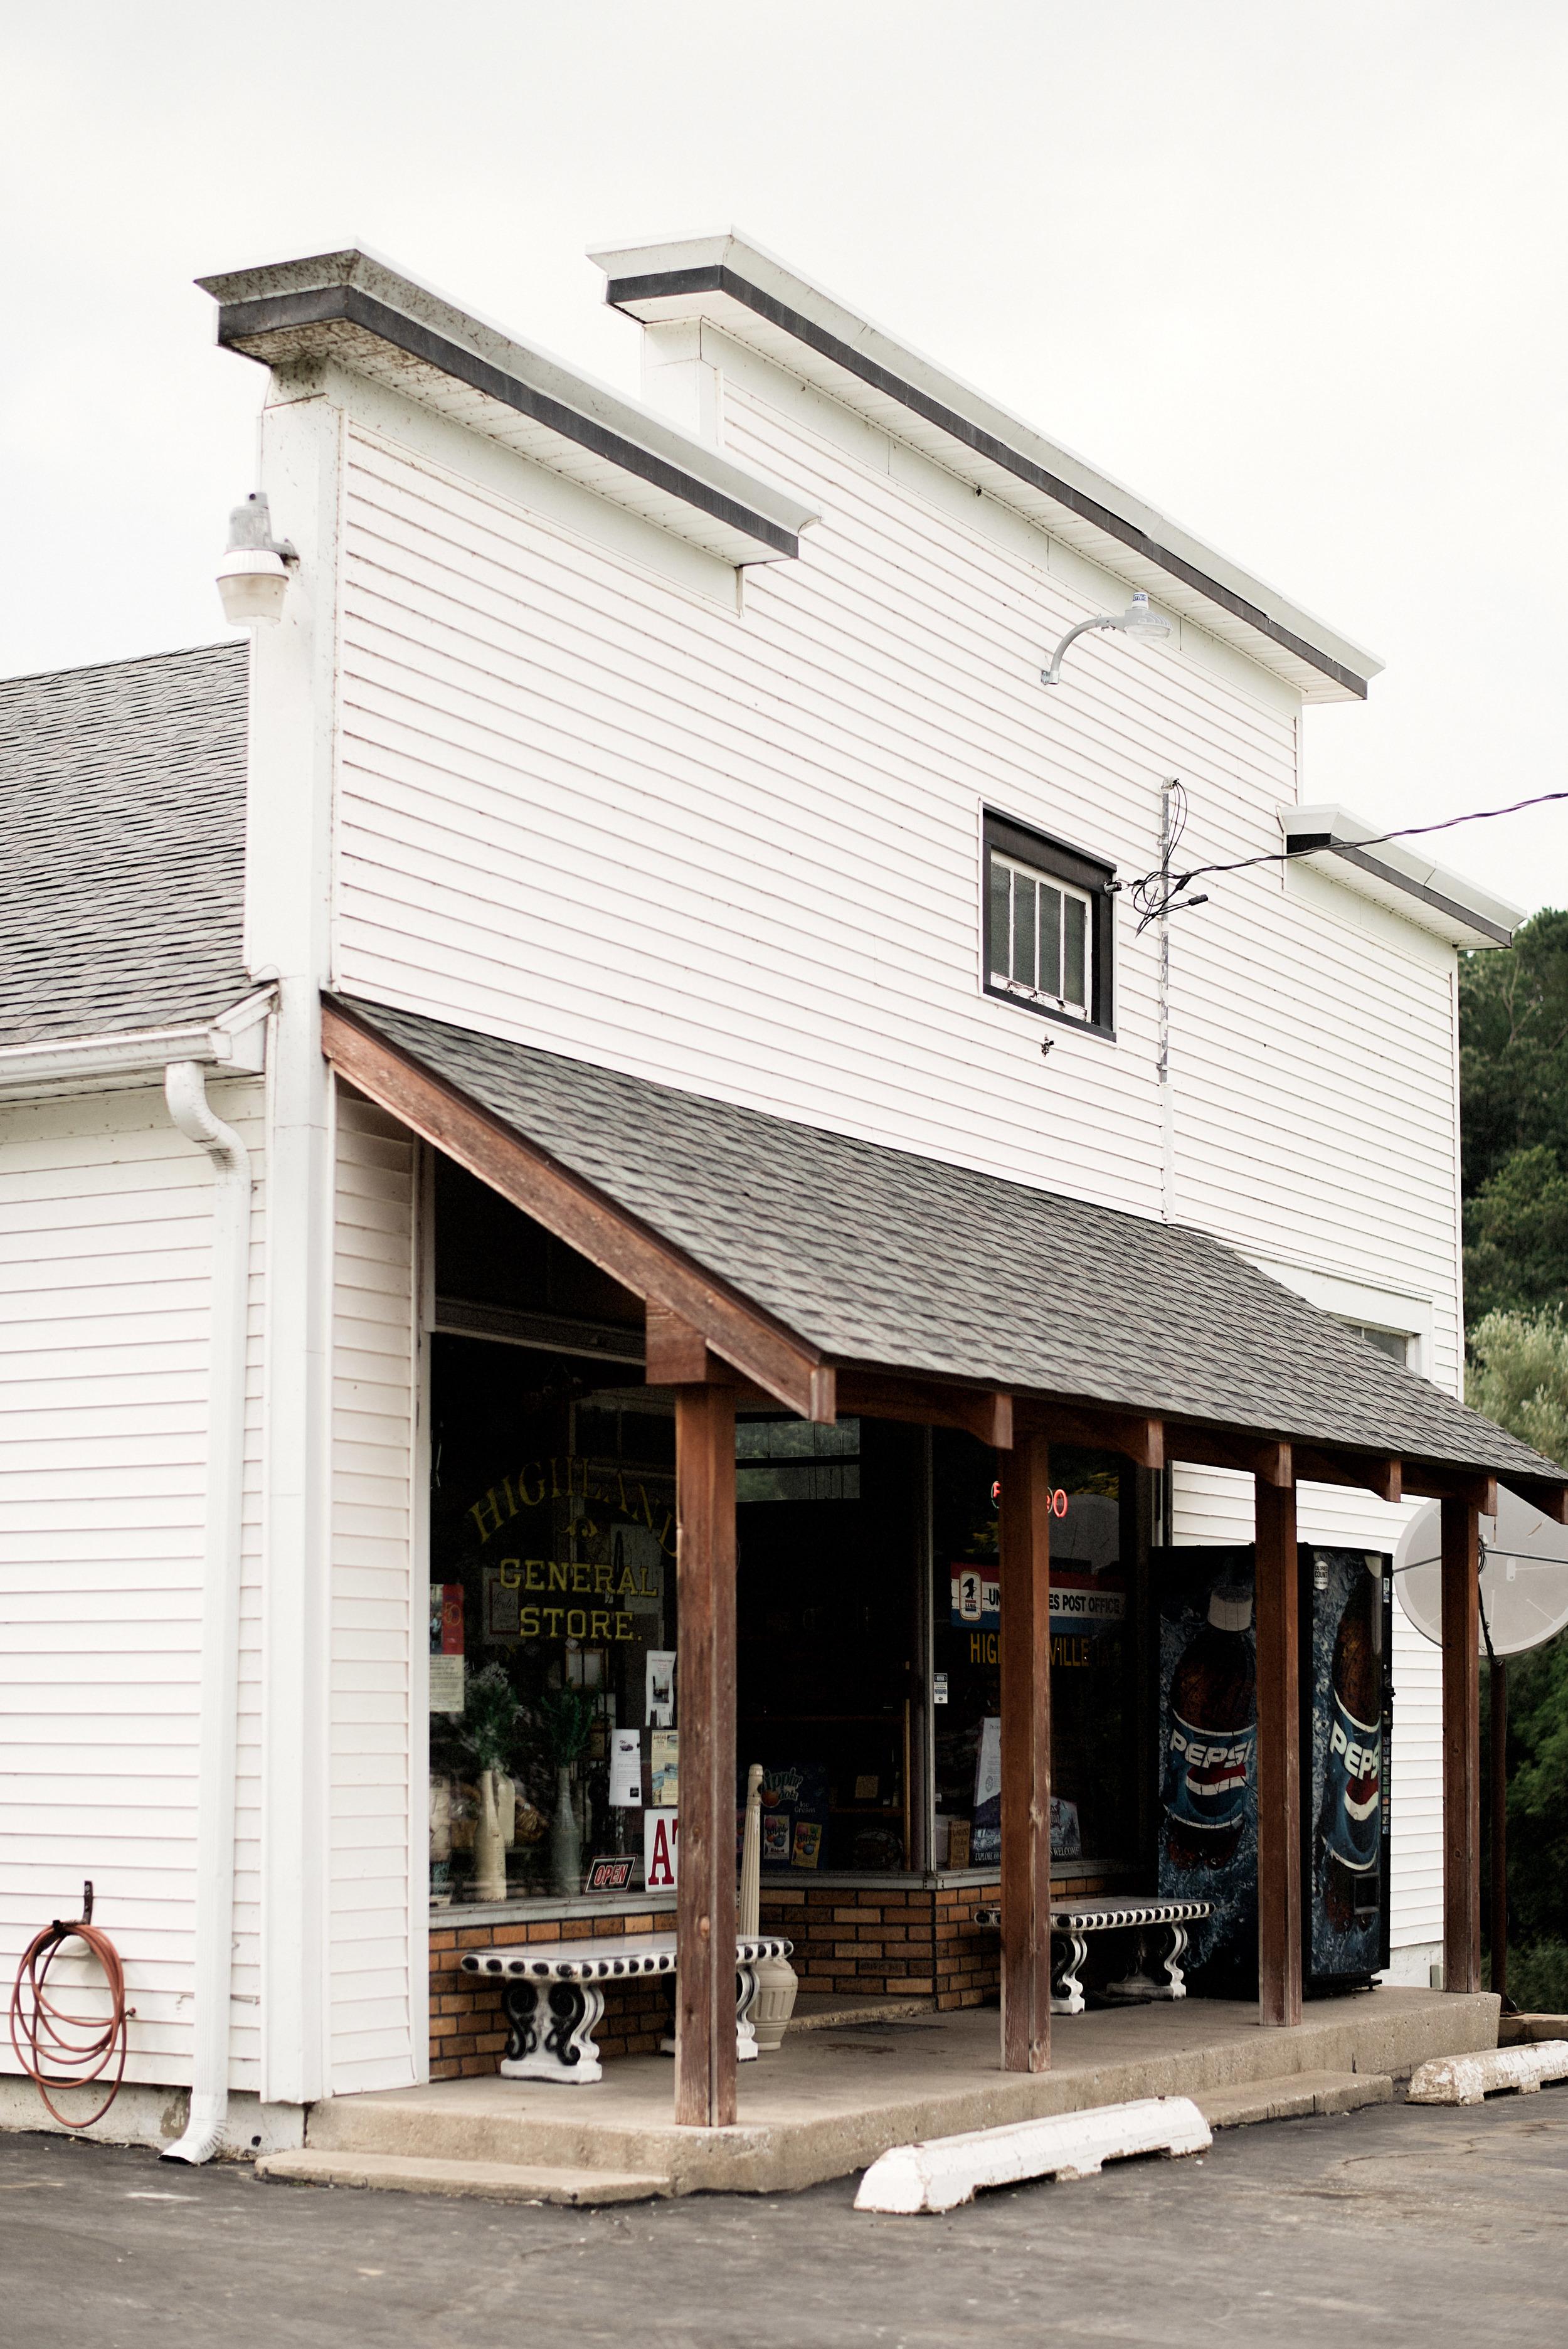 Highlandville General Store